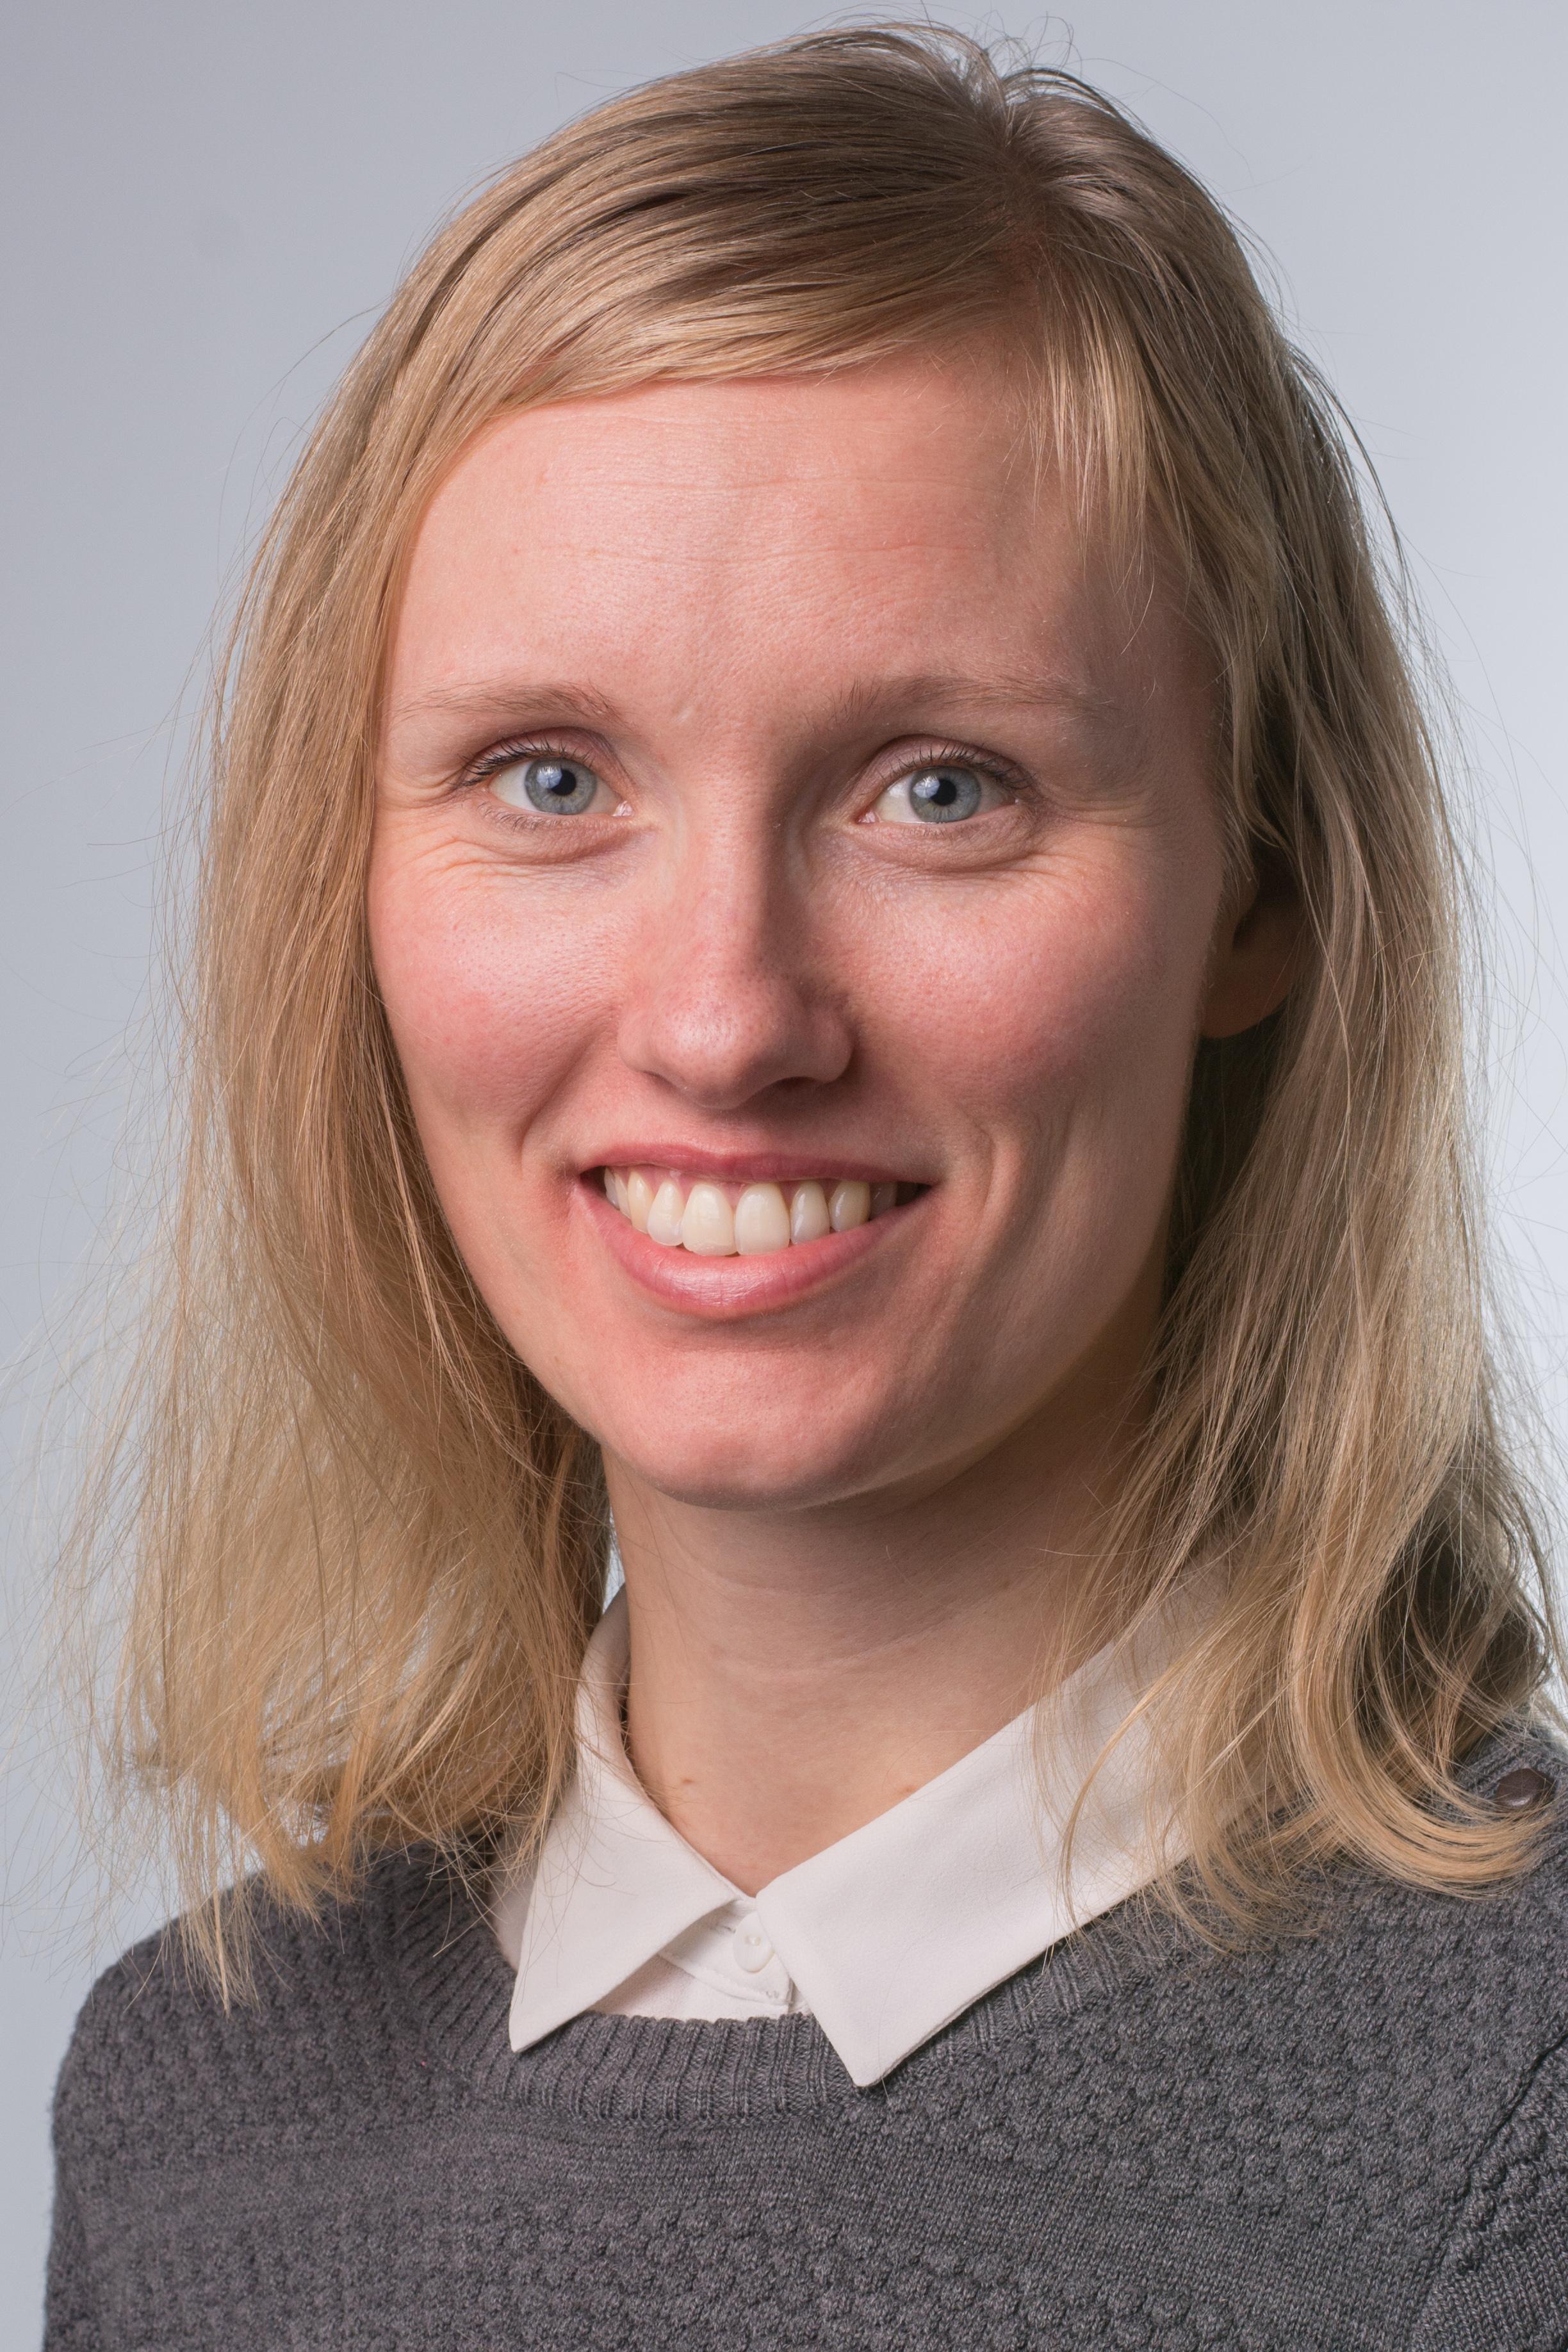 Anne Sofie Lansø